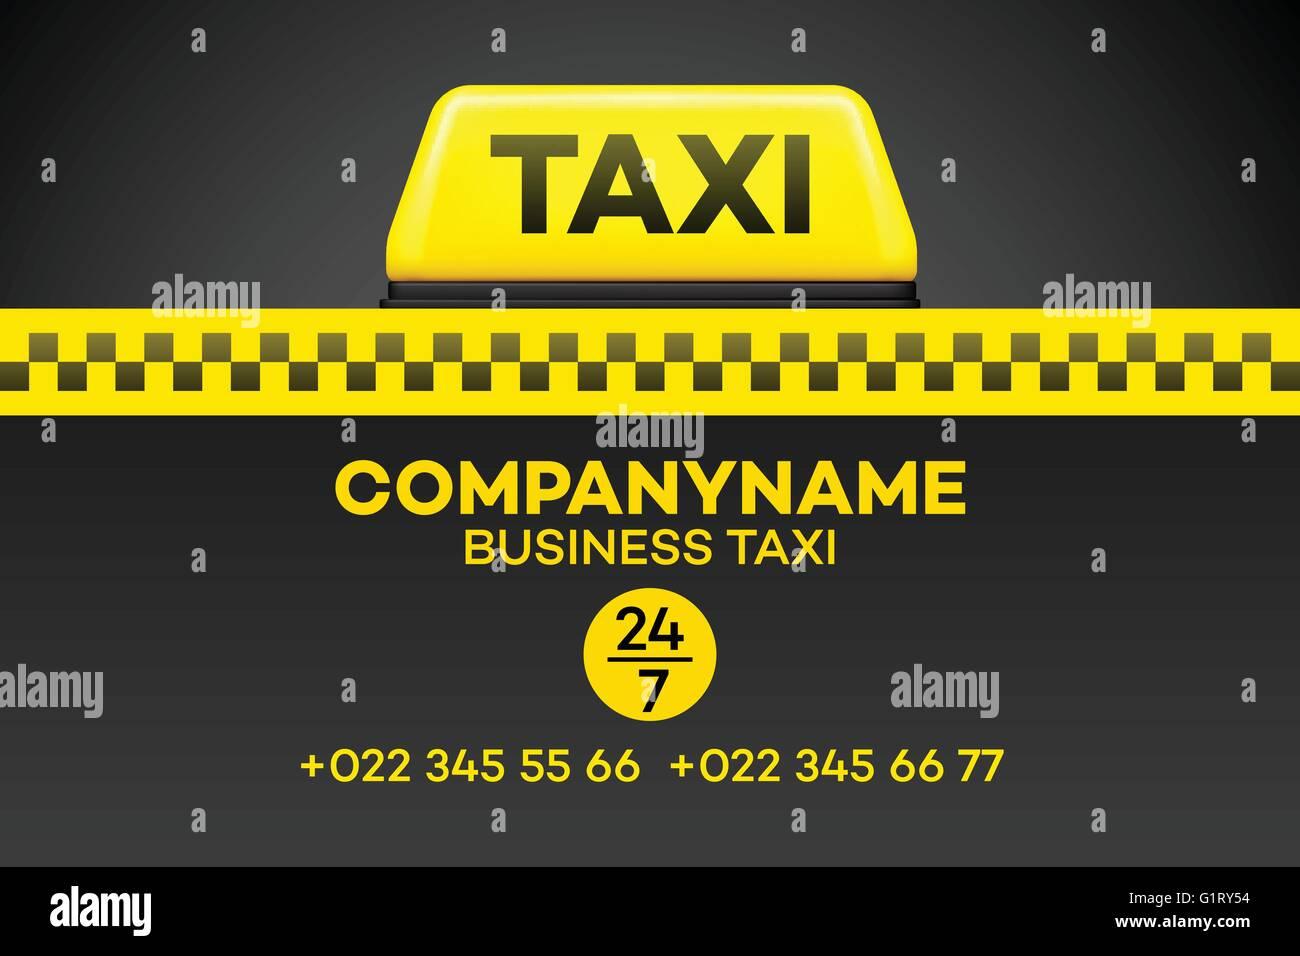 Taxi Visitenkarte Oder Flyer Vektor Illustration Vektor